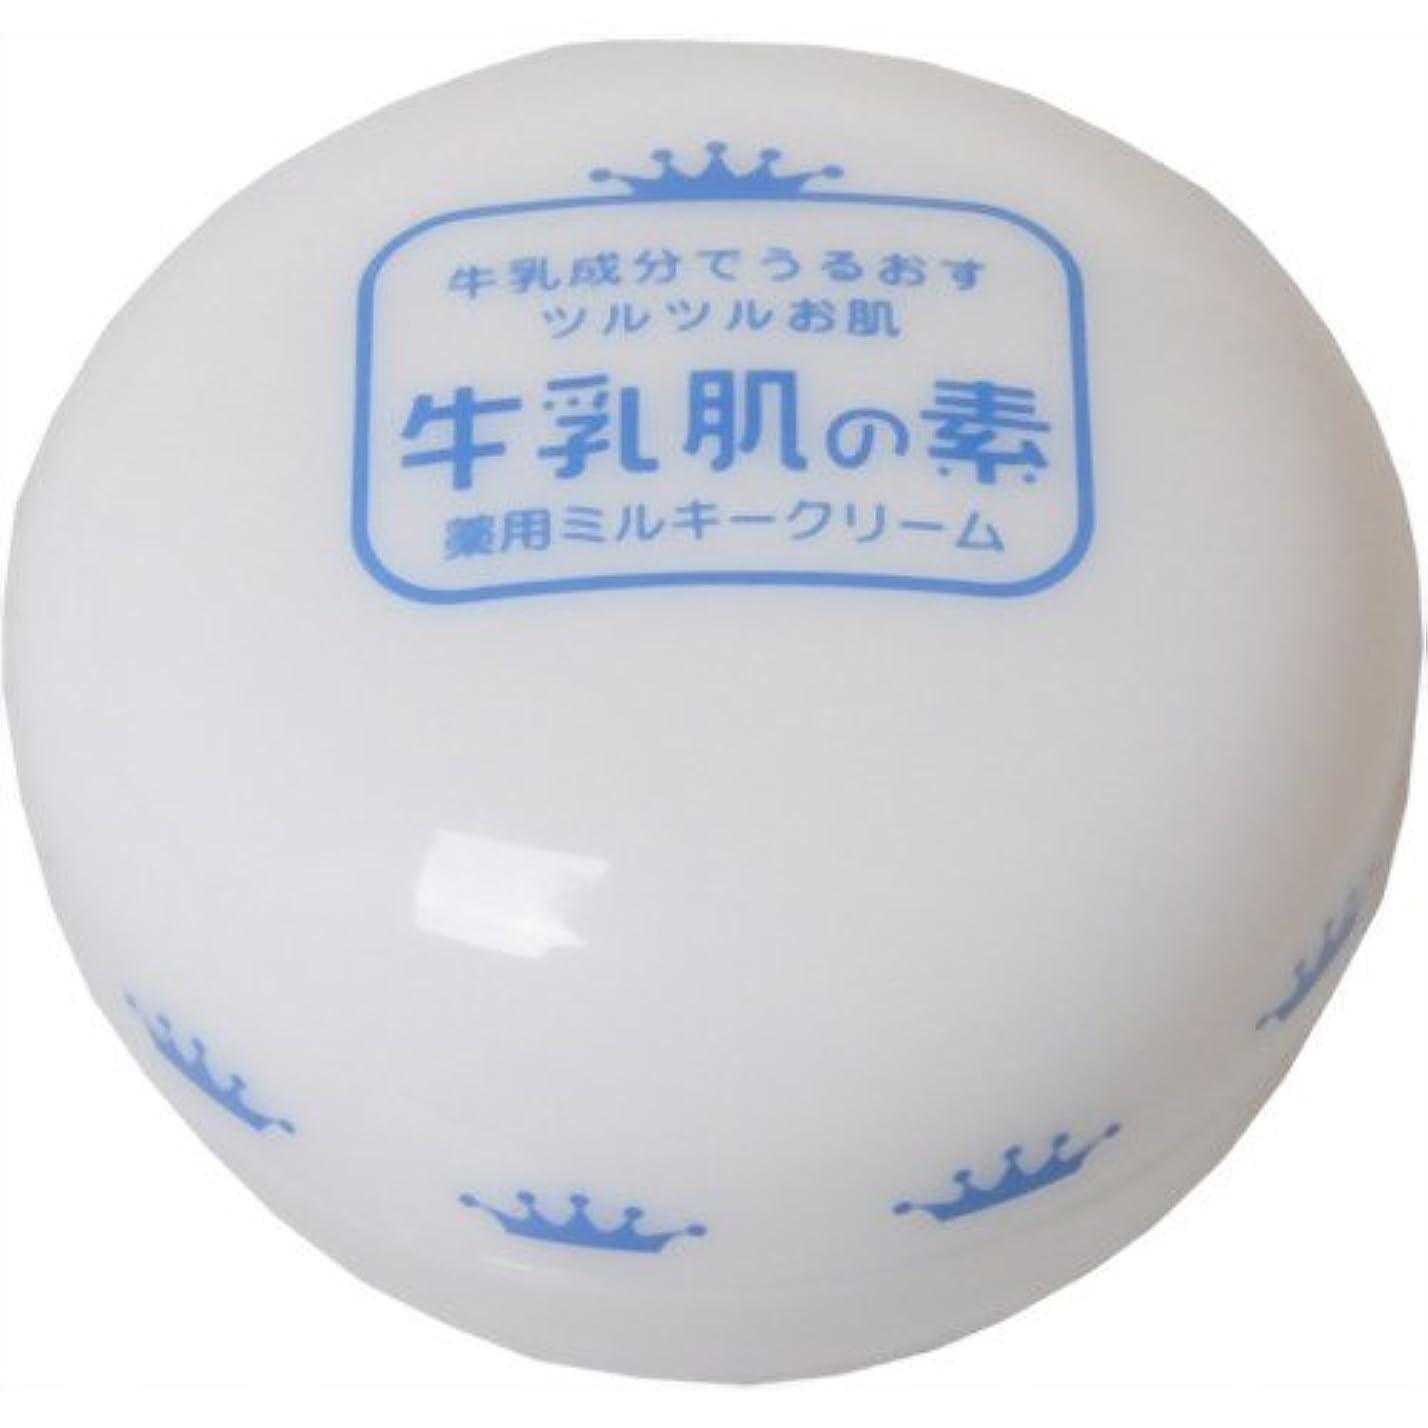 貨物敬礼素晴らしいです牛乳肌の素 薬用ミルキークリーム 20g